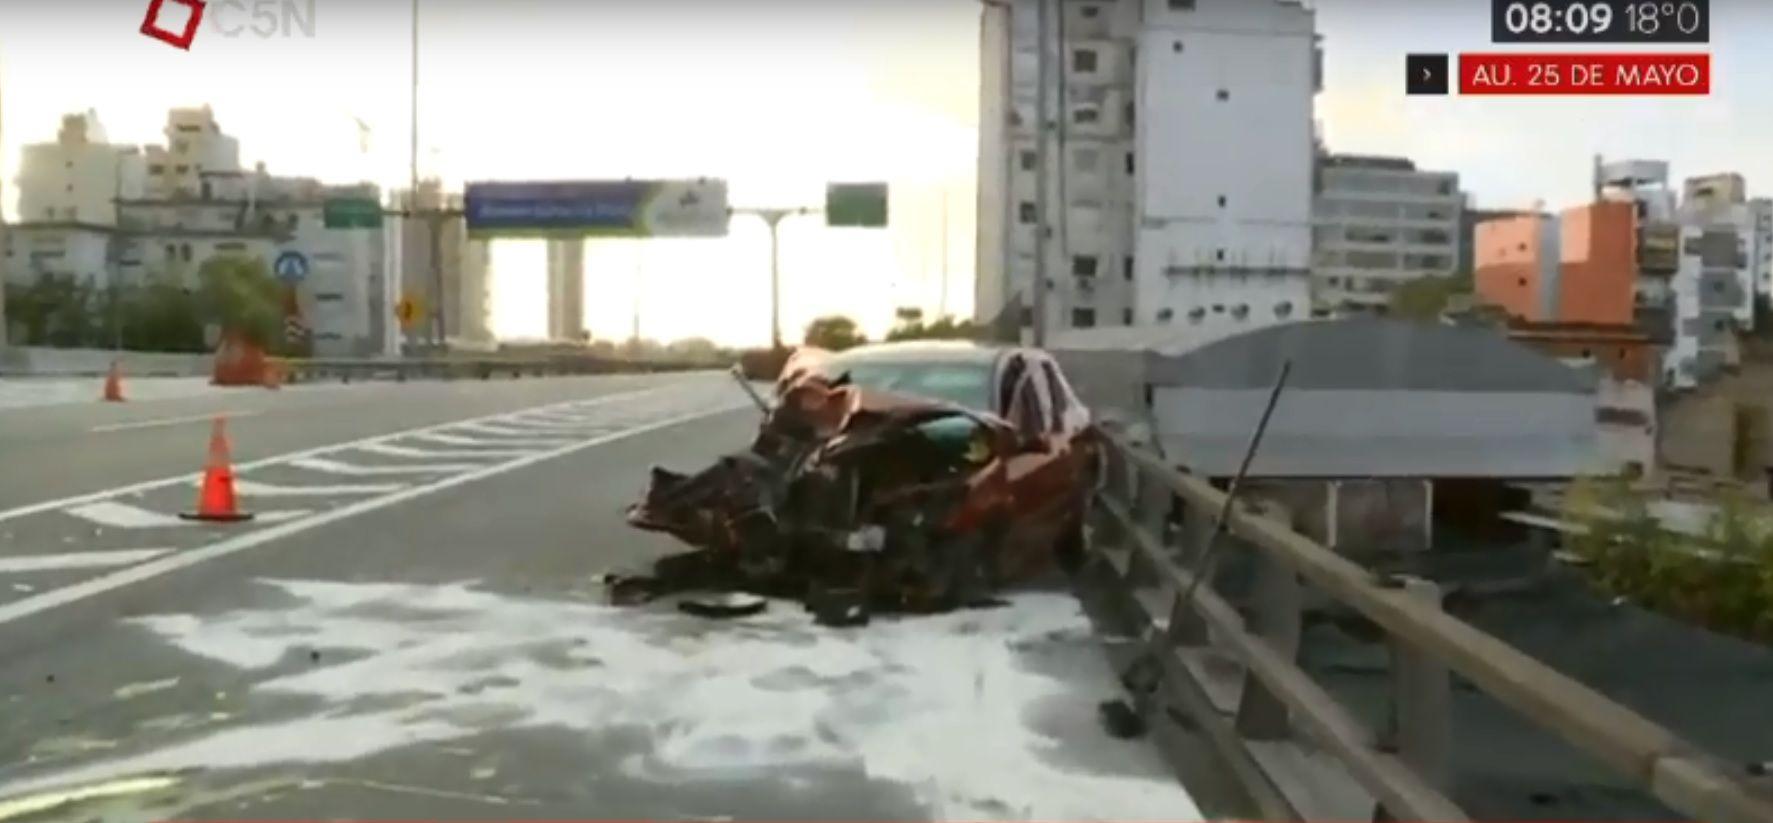 Subió a la autopista 25 de Mayo en contramano y provocó un tremendo choque